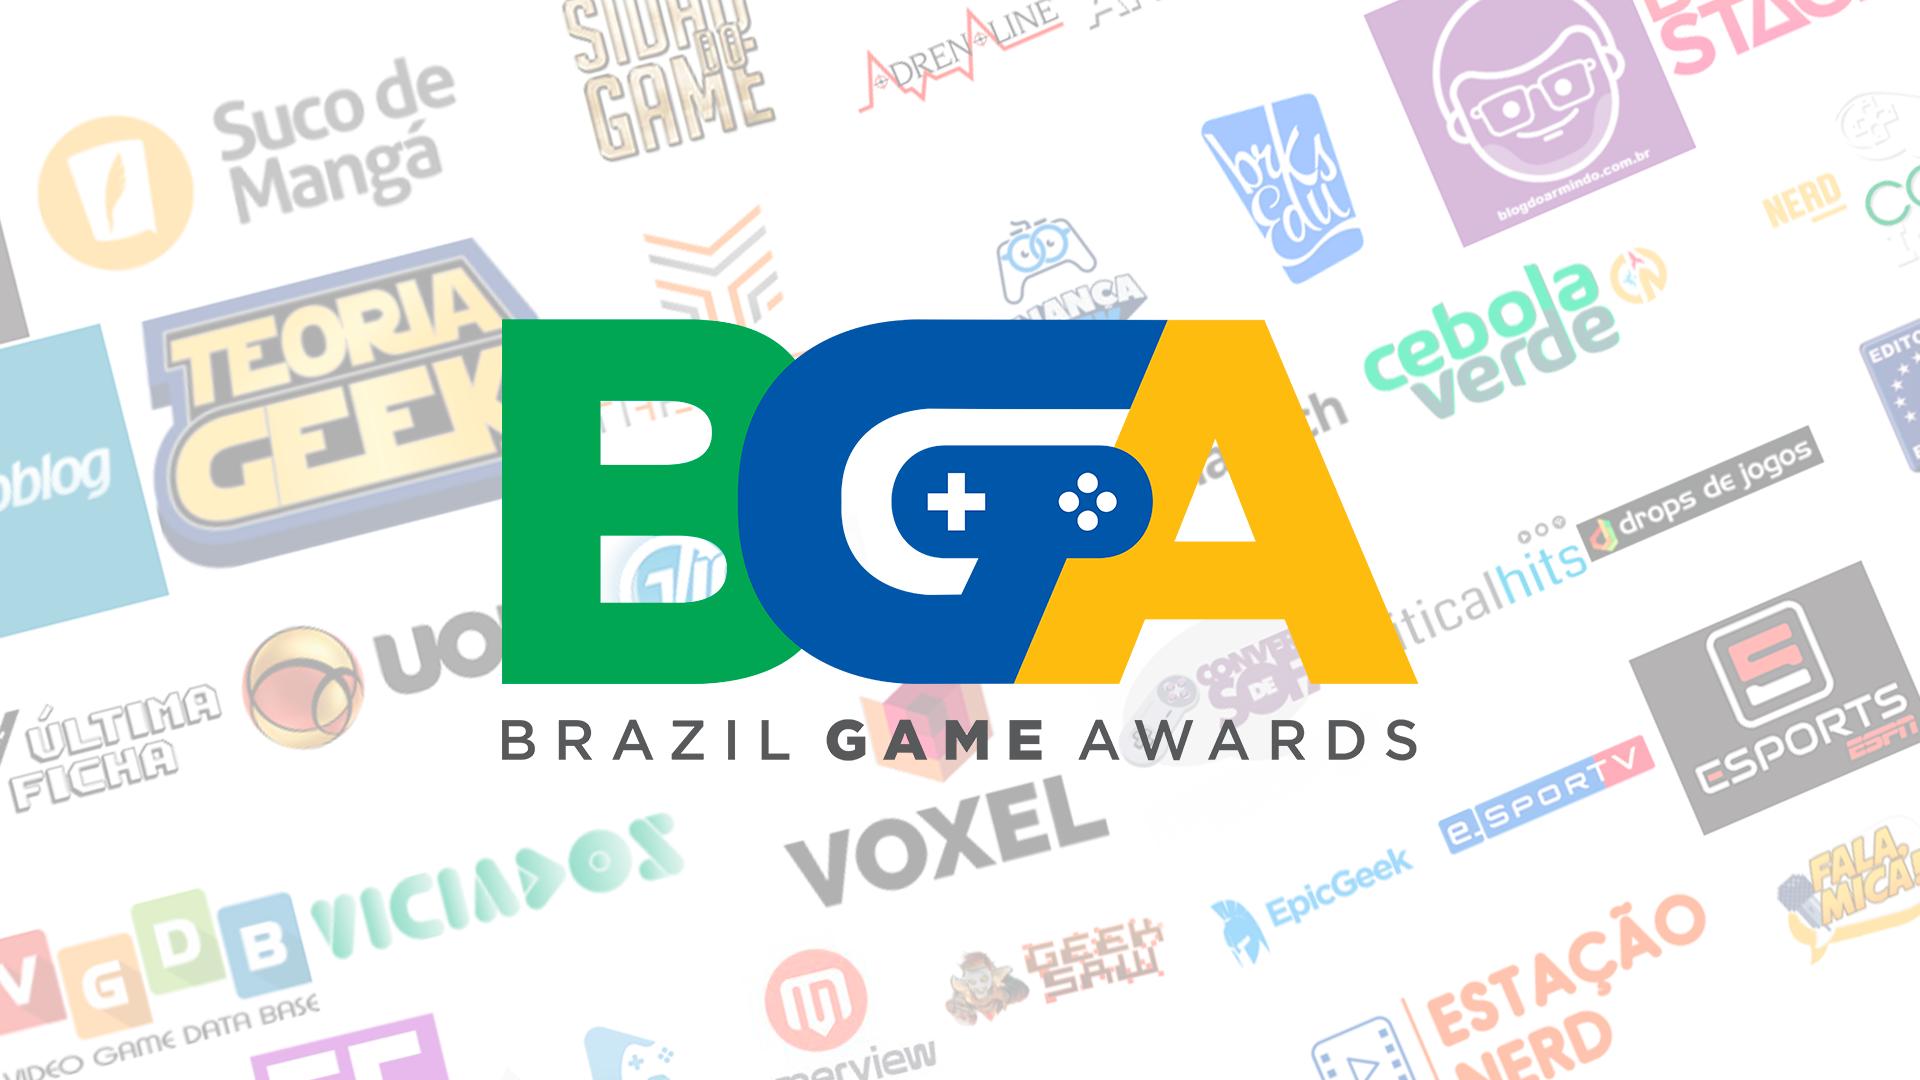 O Brazil Game Awards 2020 é um júri formado por mais de cem jornalistas e influenciadores, incluindo a equipe do Portal Viciados.